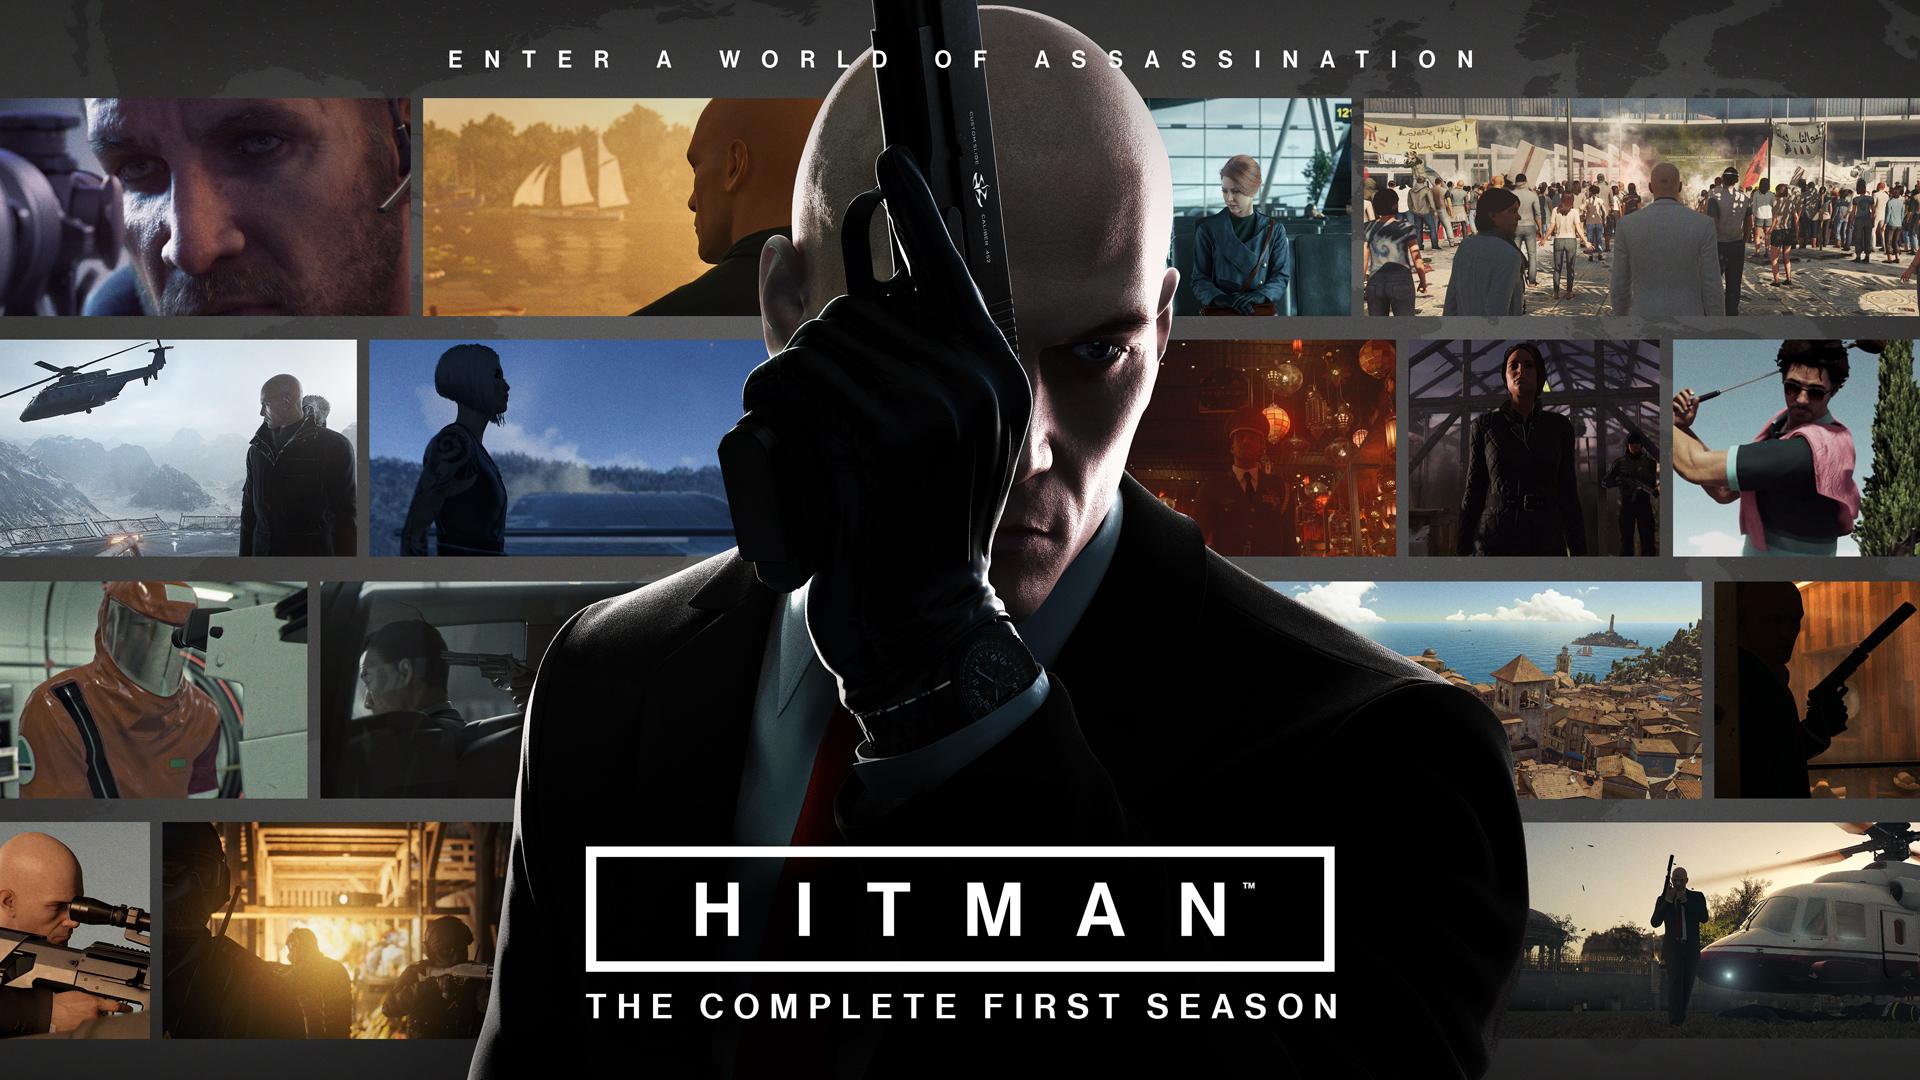 رسمياً: تأكيد قدوم الموسم ثاني للعبة Hitman